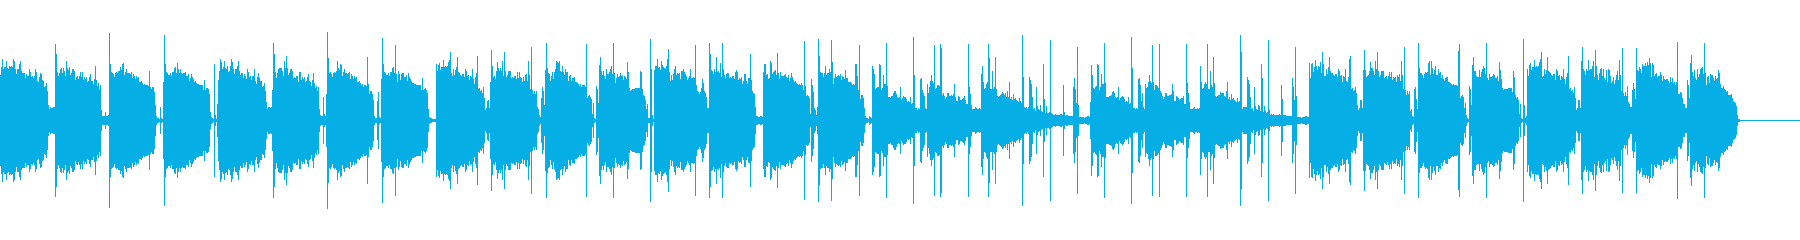 エモい雰囲気のBGMの再生済みの波形